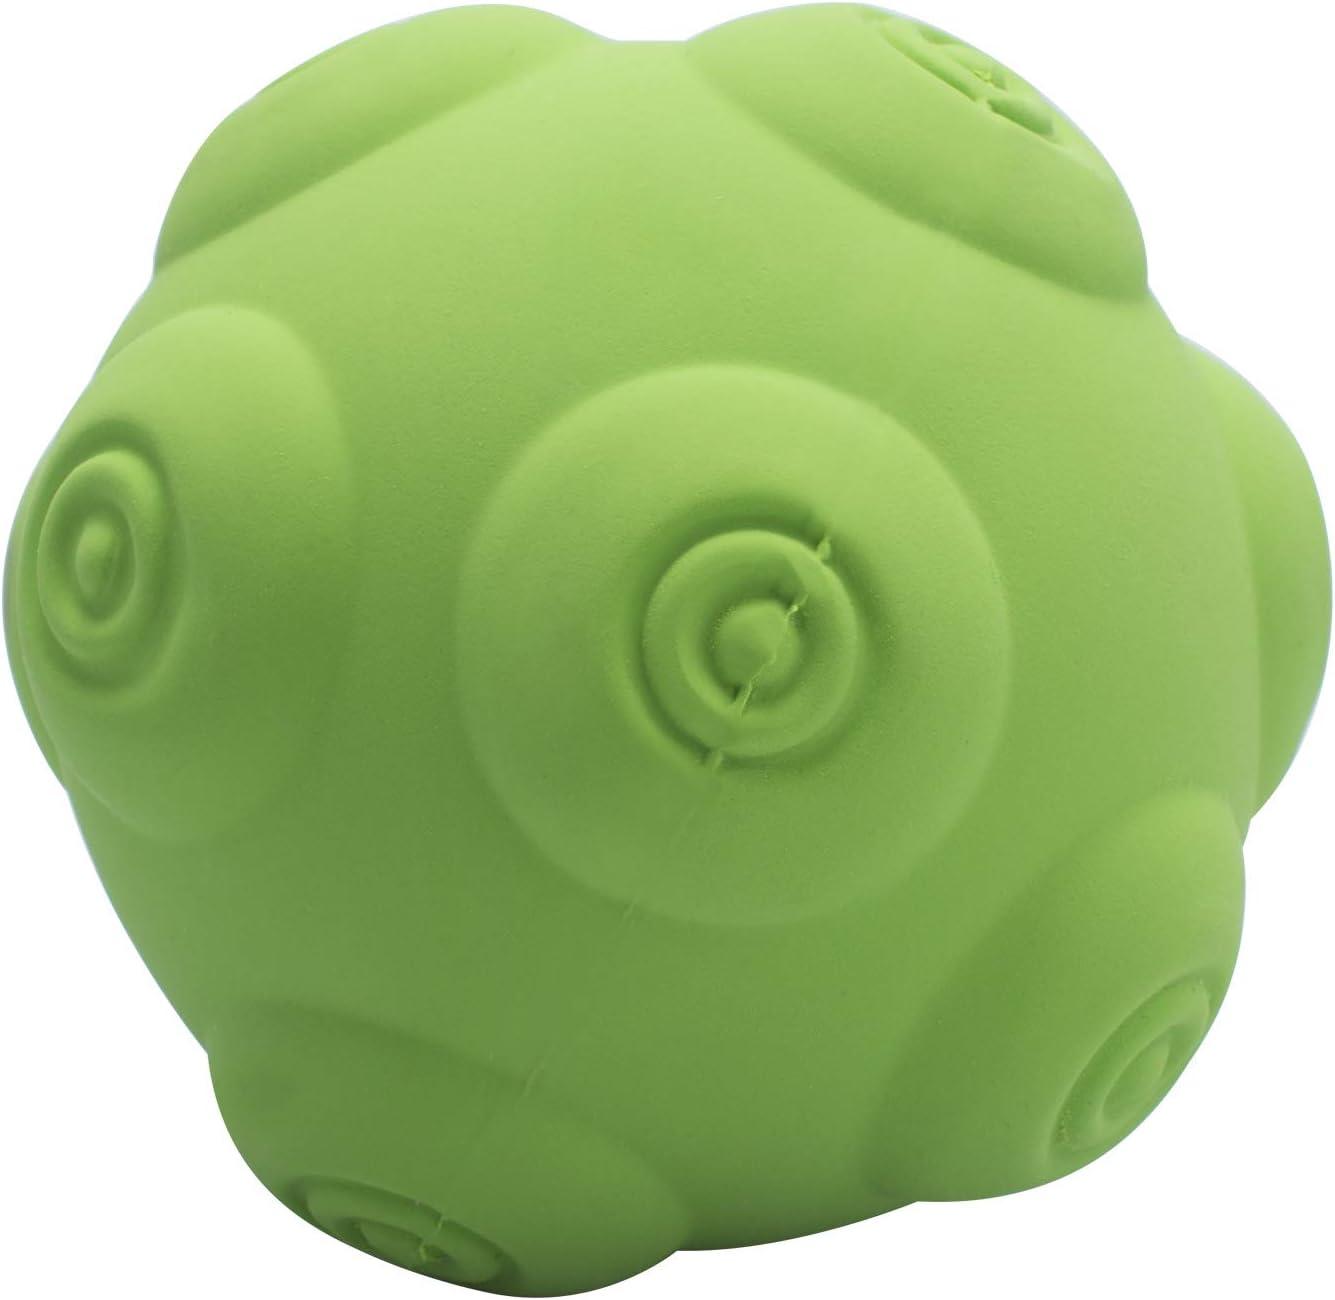 Petper Cw-0116Eeu - Juguete con sonido de pelota de látex suave ...